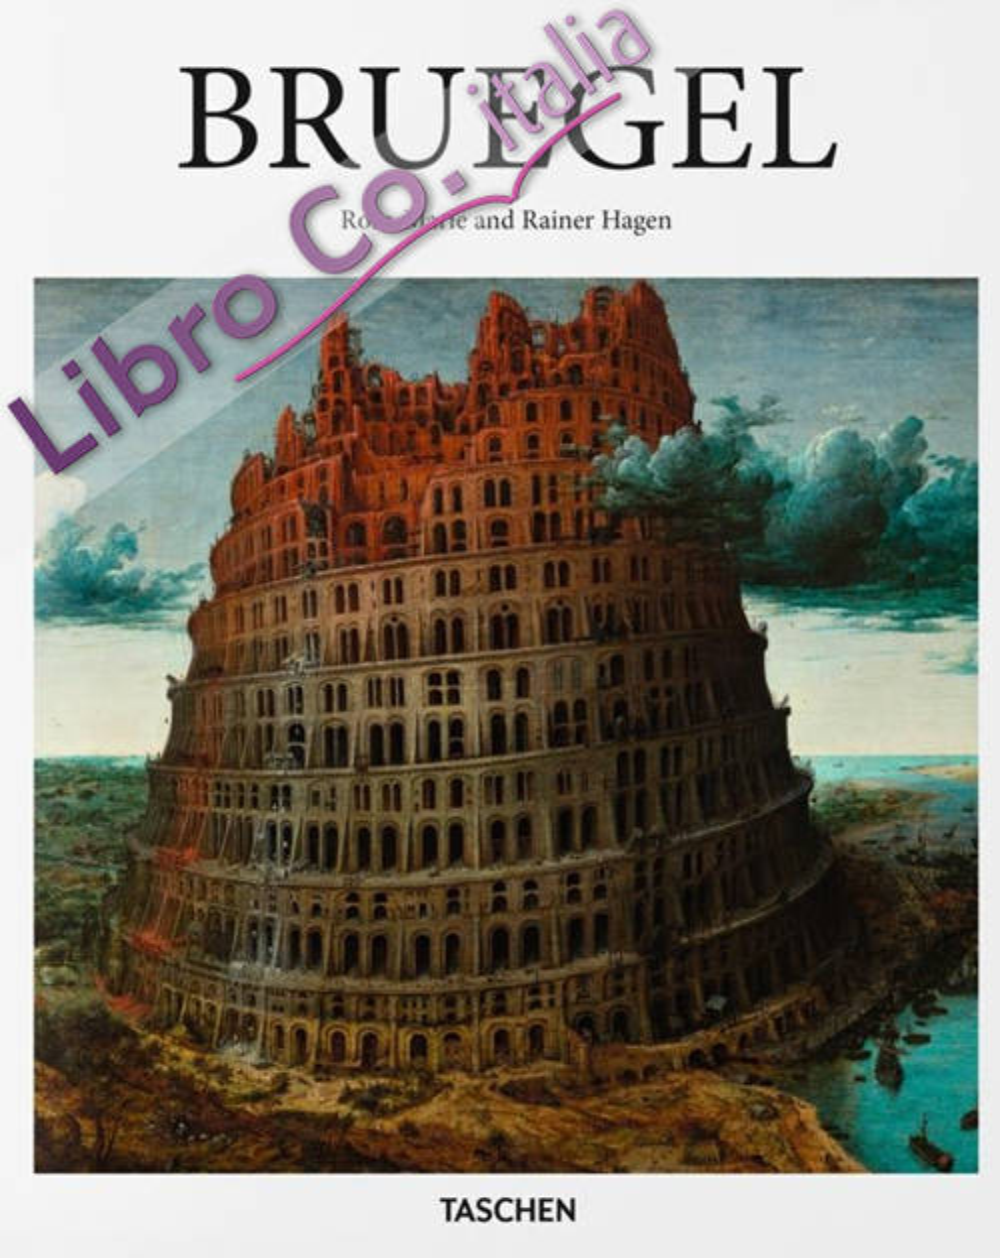 Bruegel.